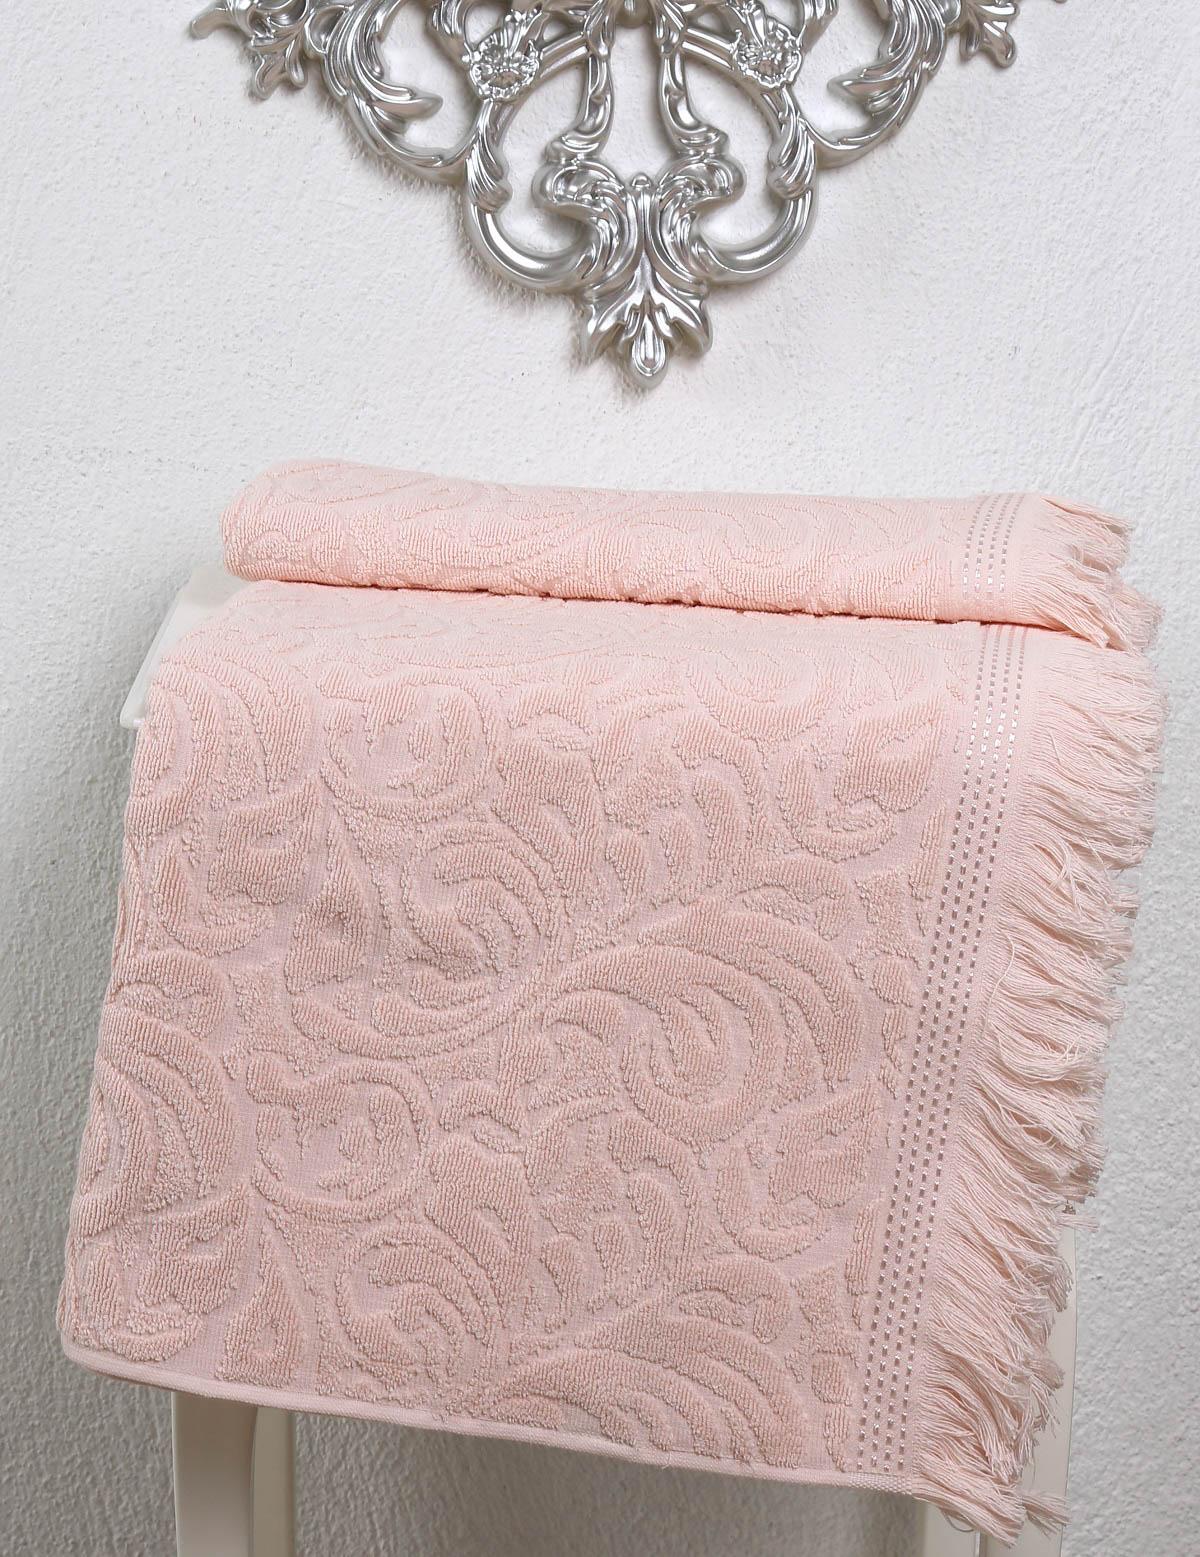 Полотенца Karna Полотенце Esra Цвет: Абрикосовый (70х140 см) karna karna полотенце innes цвет красный 70х140 см